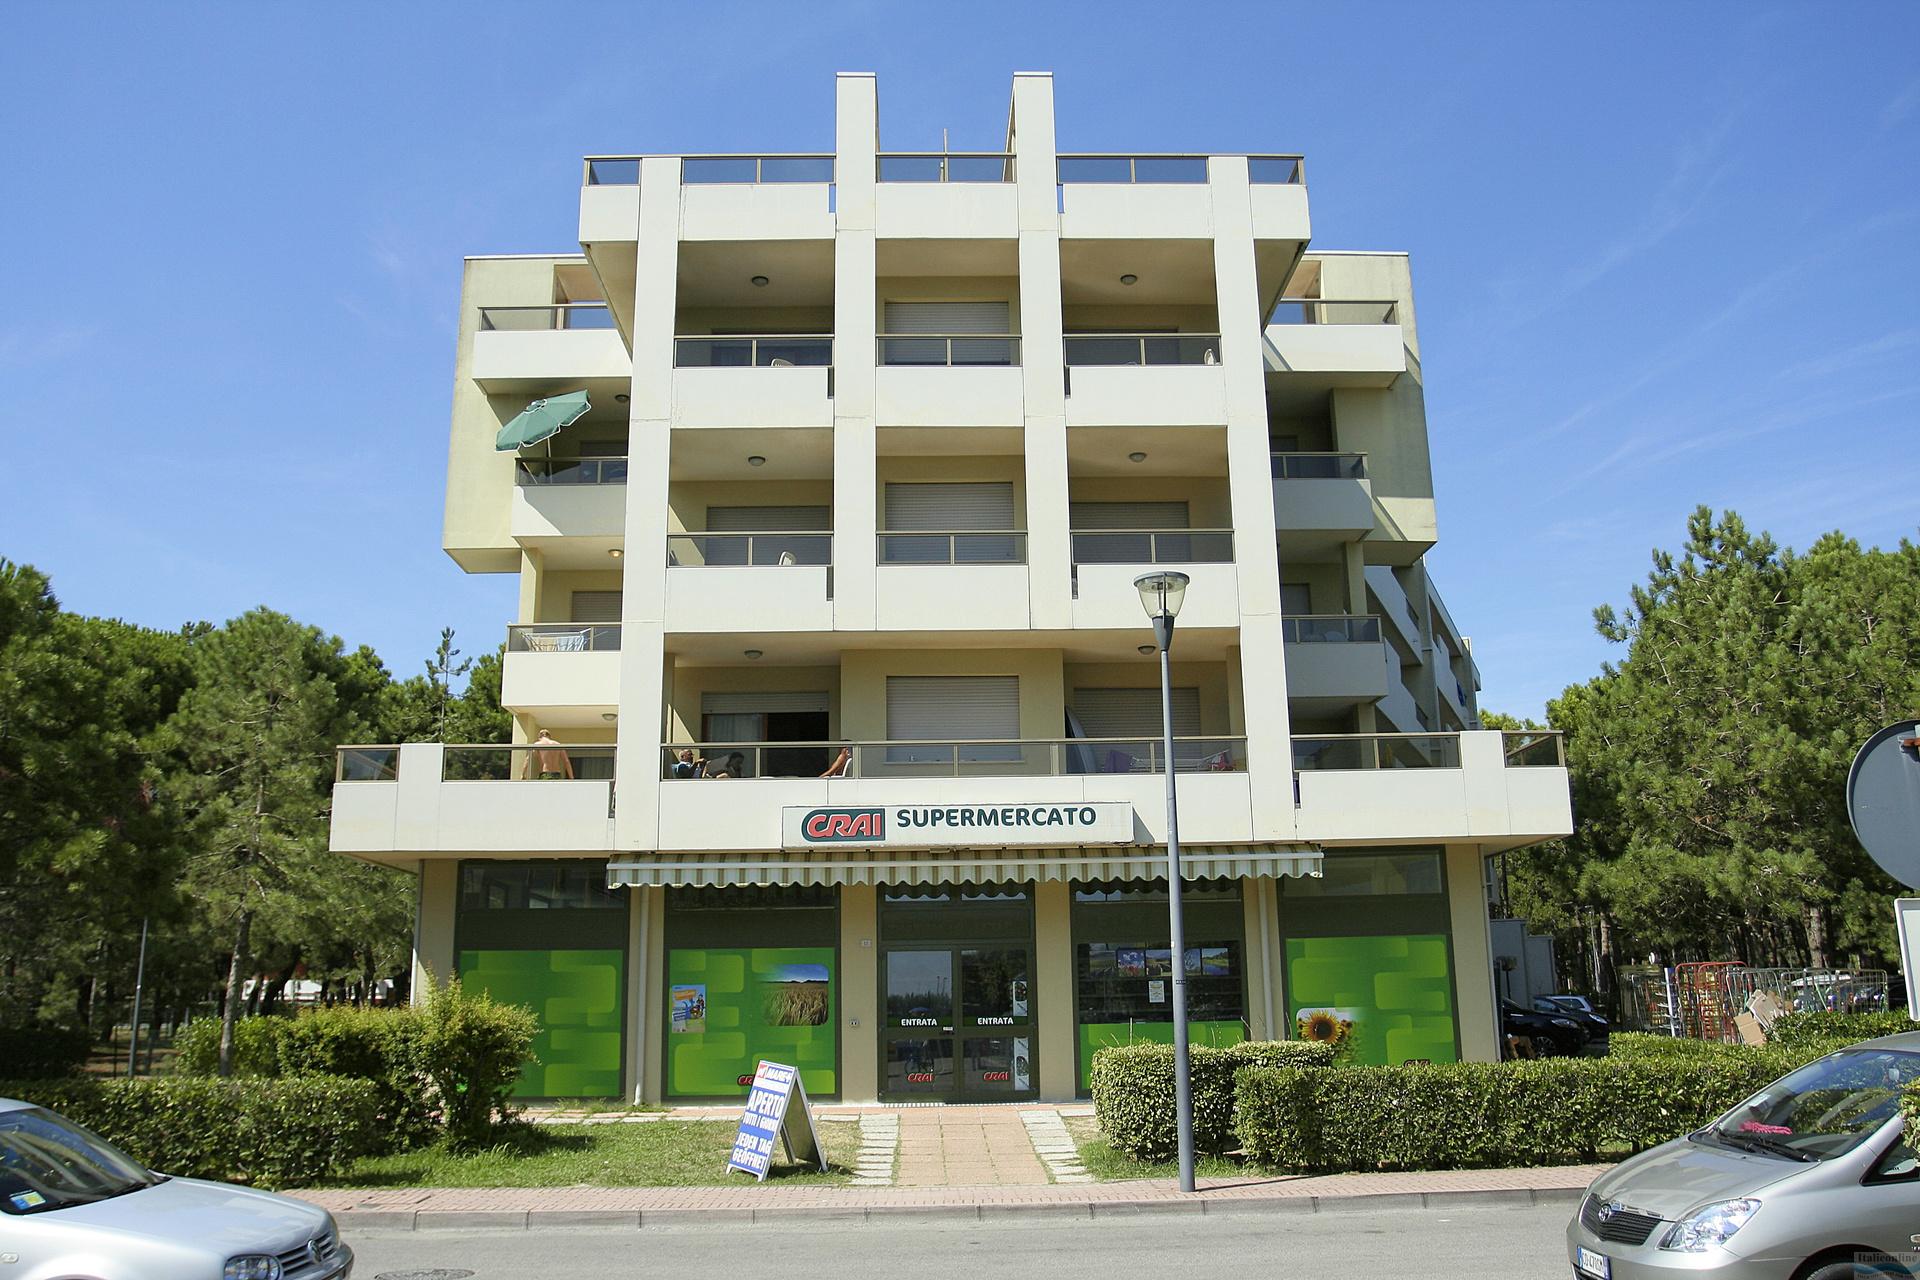 Condominio Torcello Bibione Lido del Sole Italien Italieonline